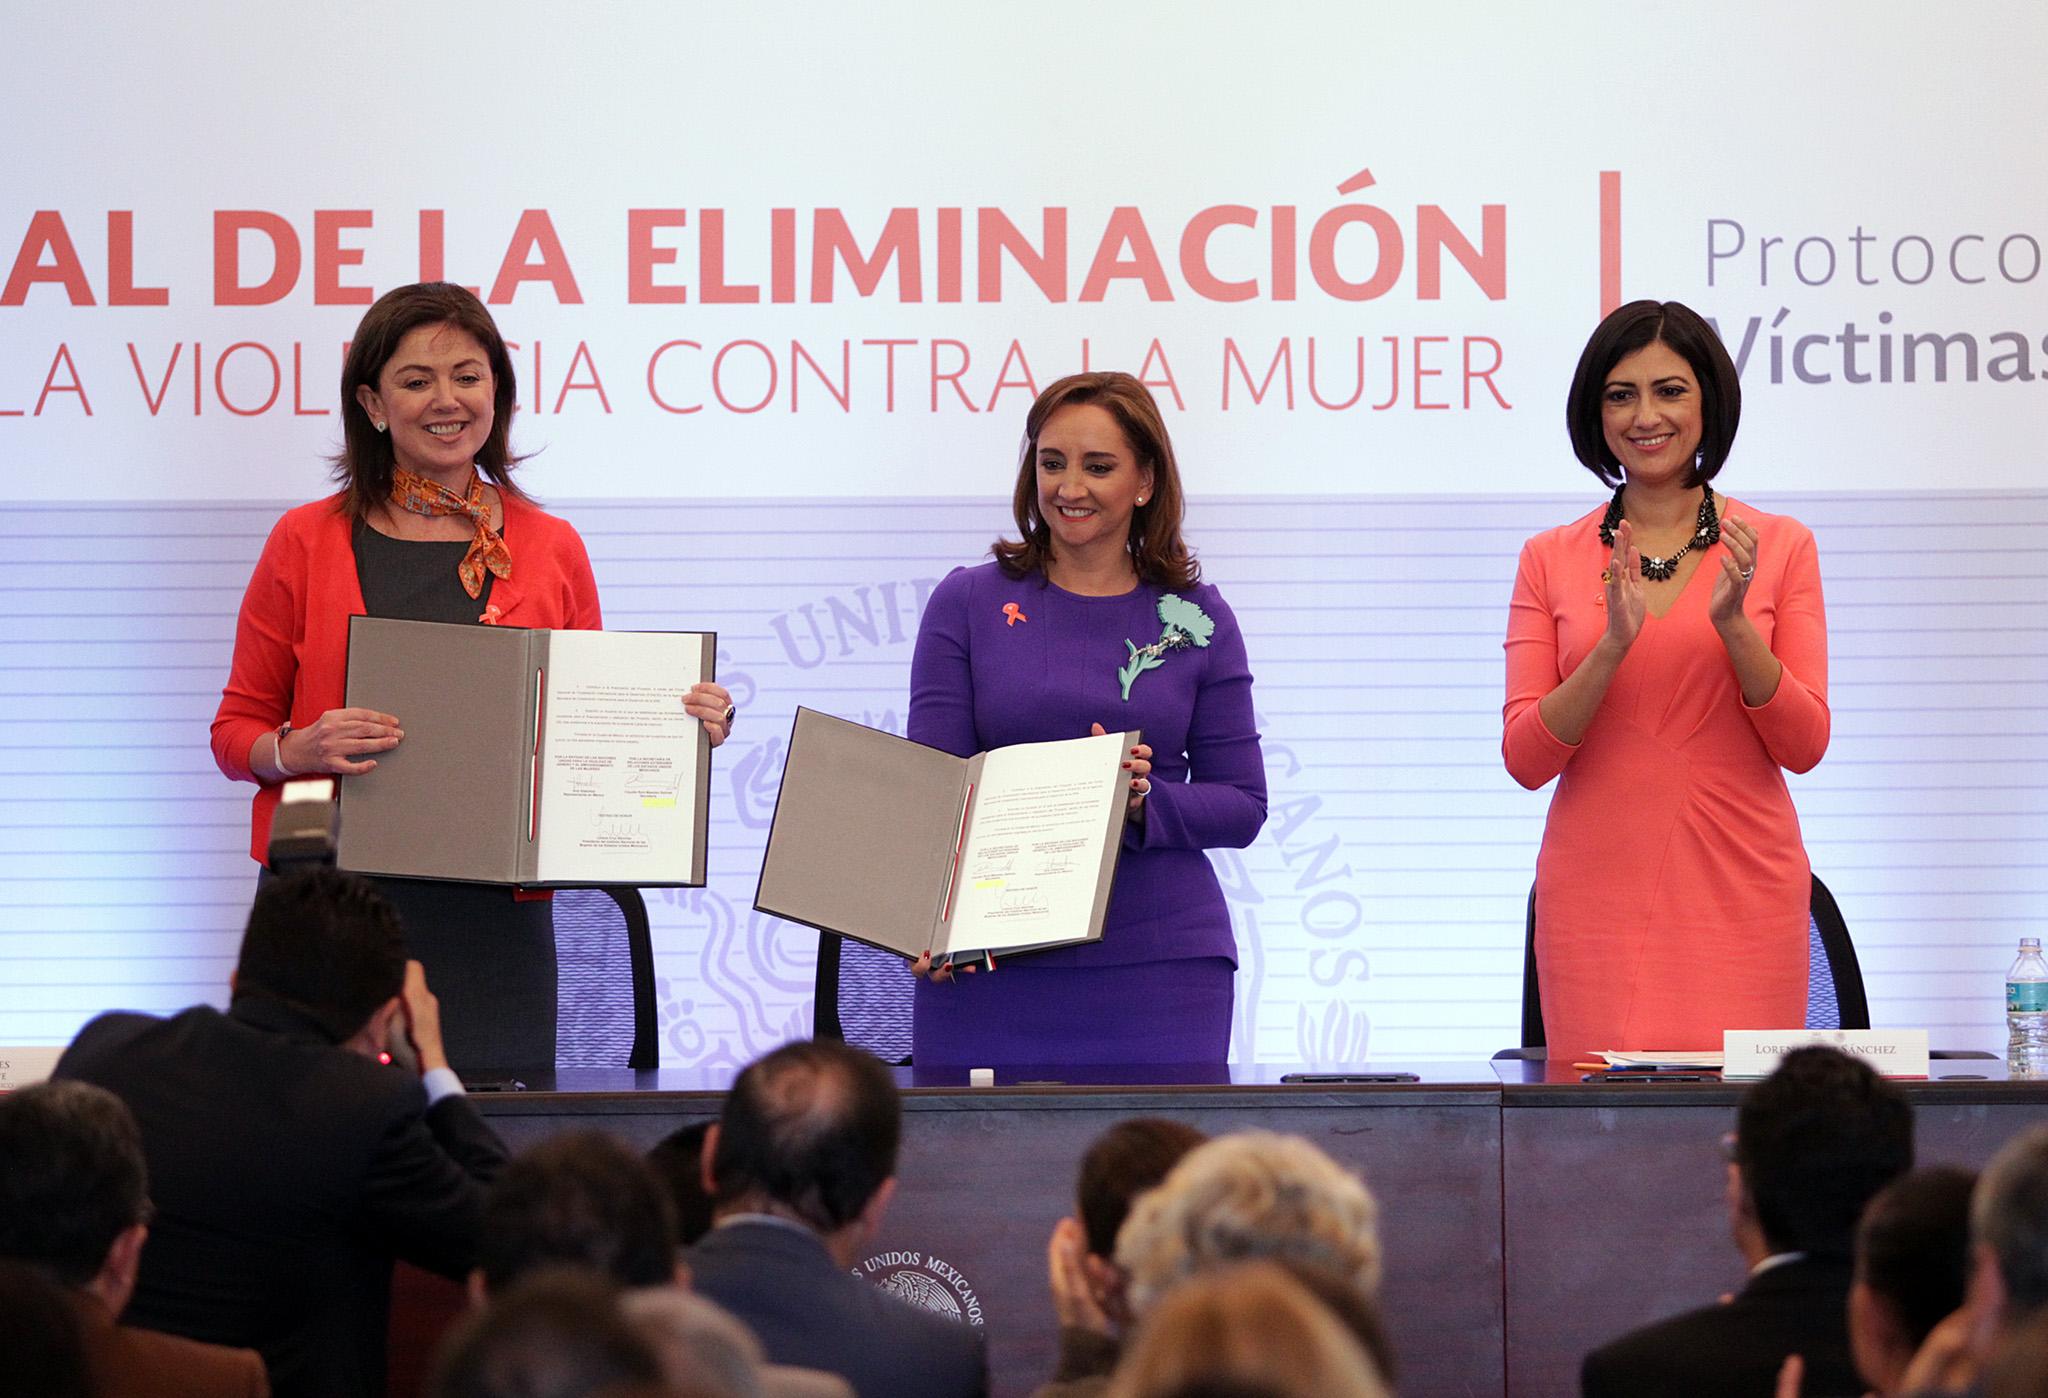 FOTO 2 Ana G ezmes  Canciller Claudia Ruiz Massieu y Lorena Cruz S nchezjpg